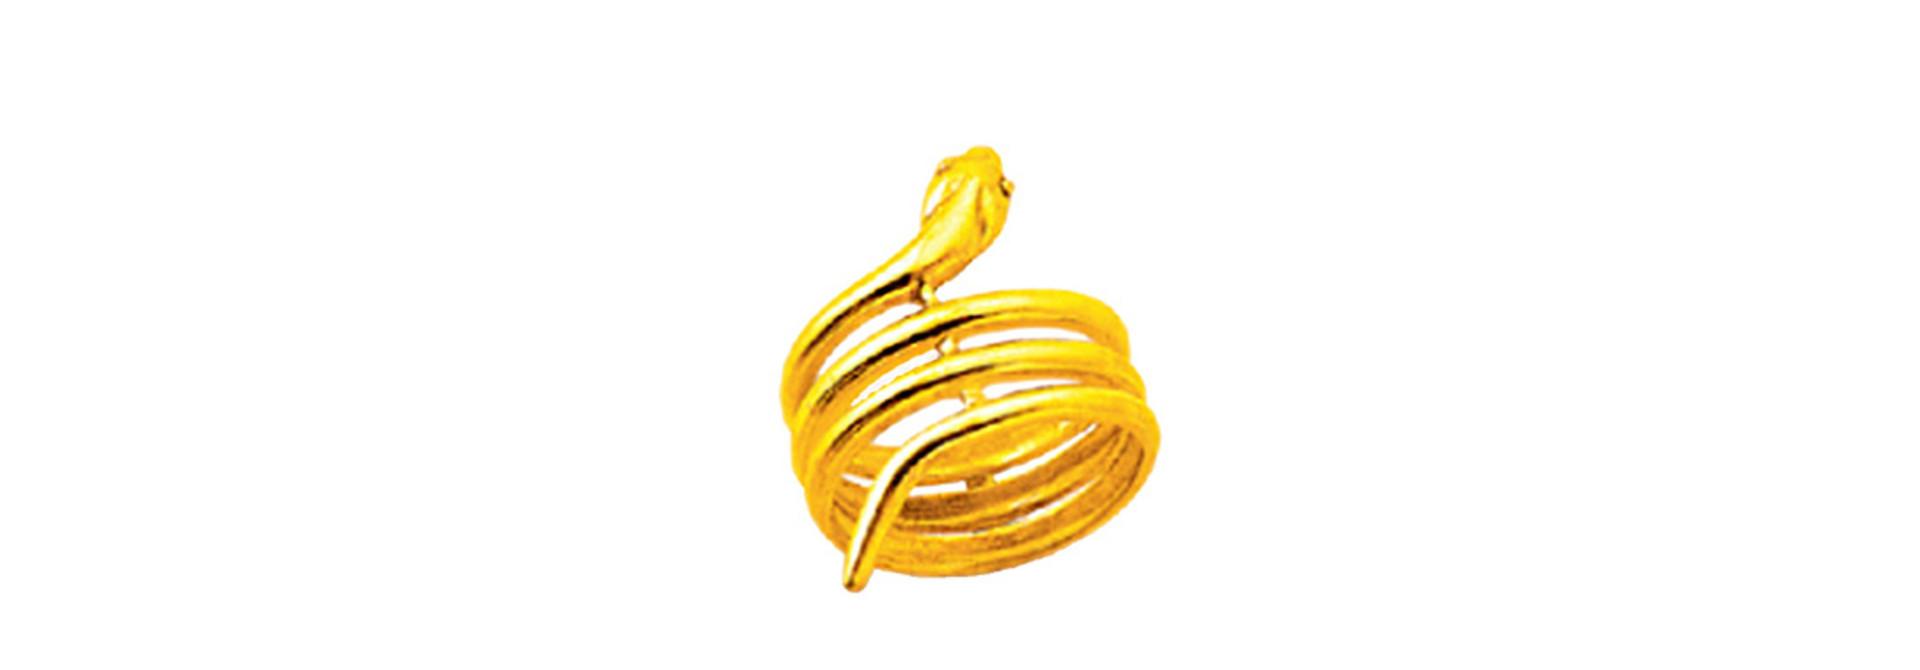 Brede slang ring